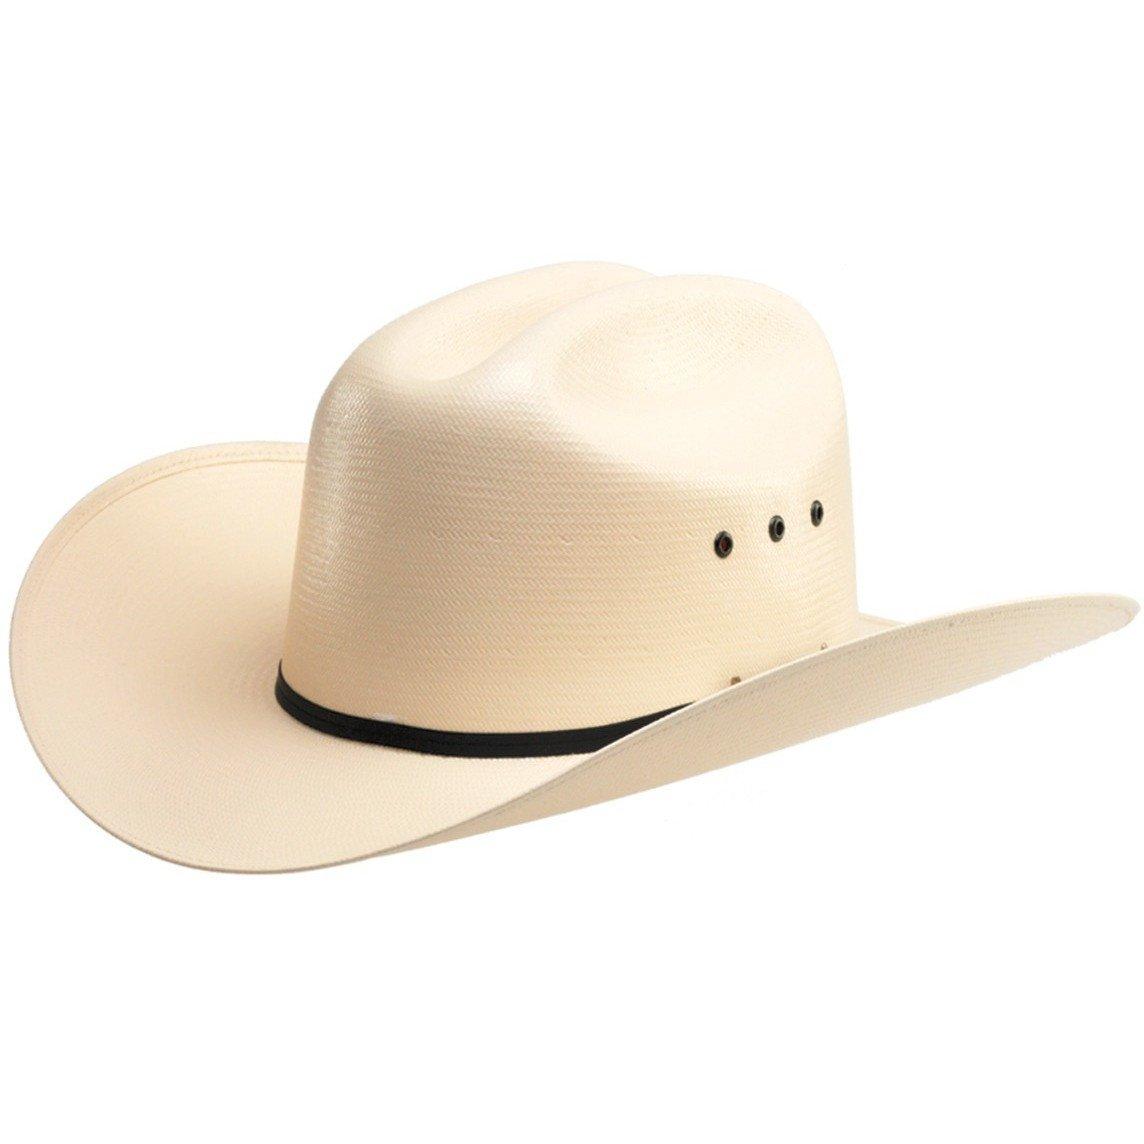 cowboy hats rocha hats-100x classic western straw cowboy hat - yeehawcowboy EAUFMDG